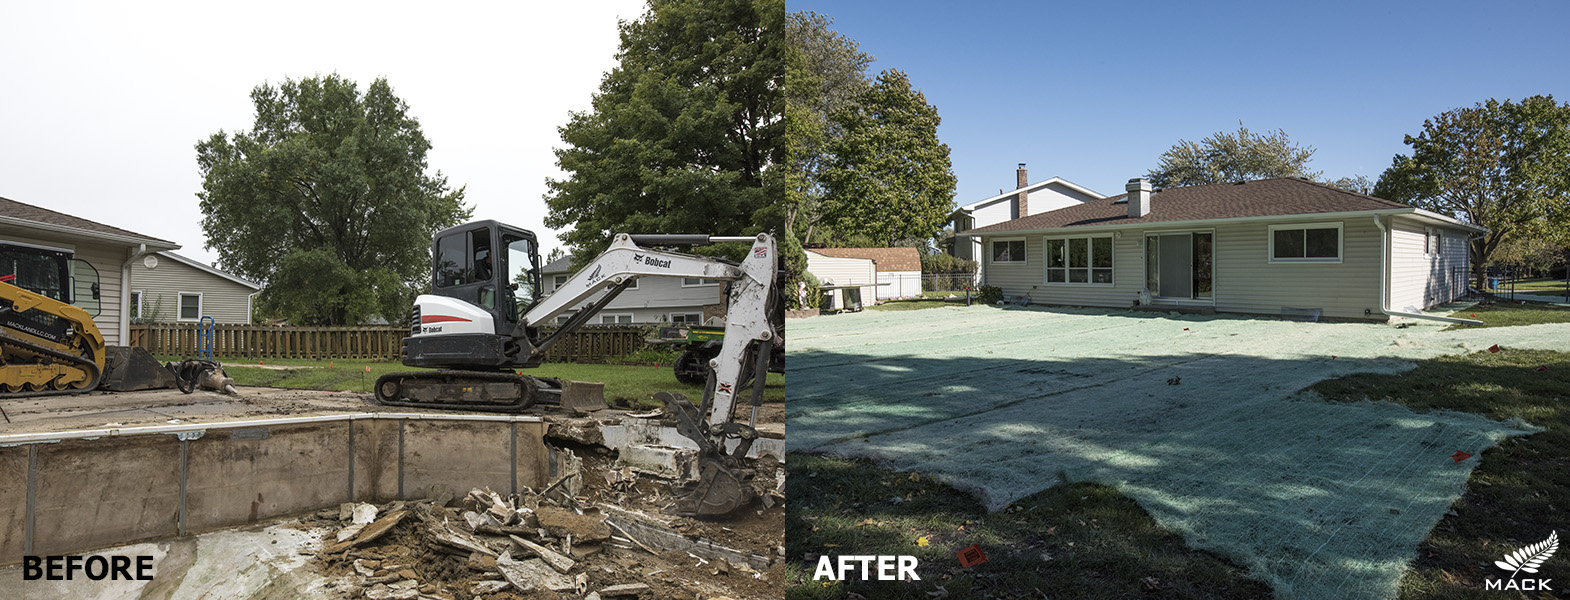 Mack Land LLC - Schaumburg, IL Pool Removal